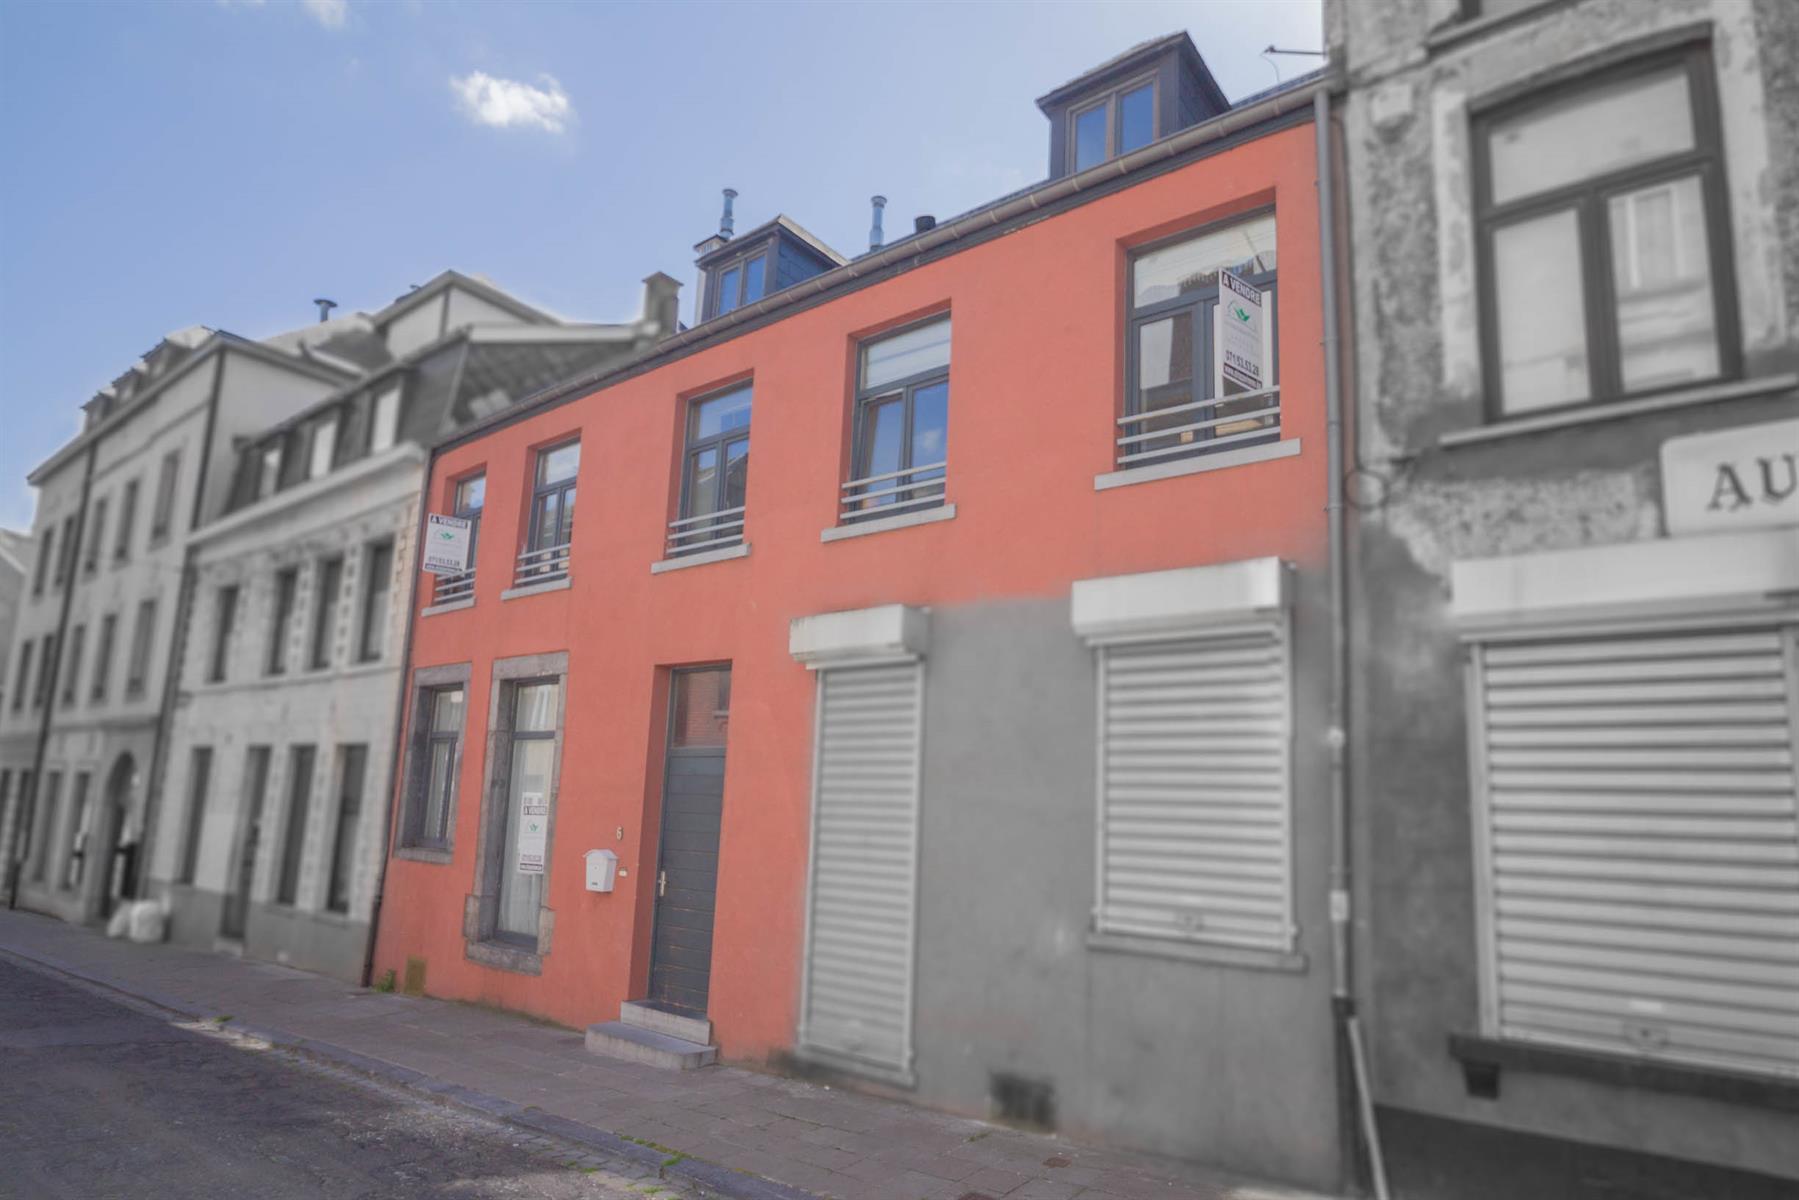 Maison - Charleroi - #4030329-1